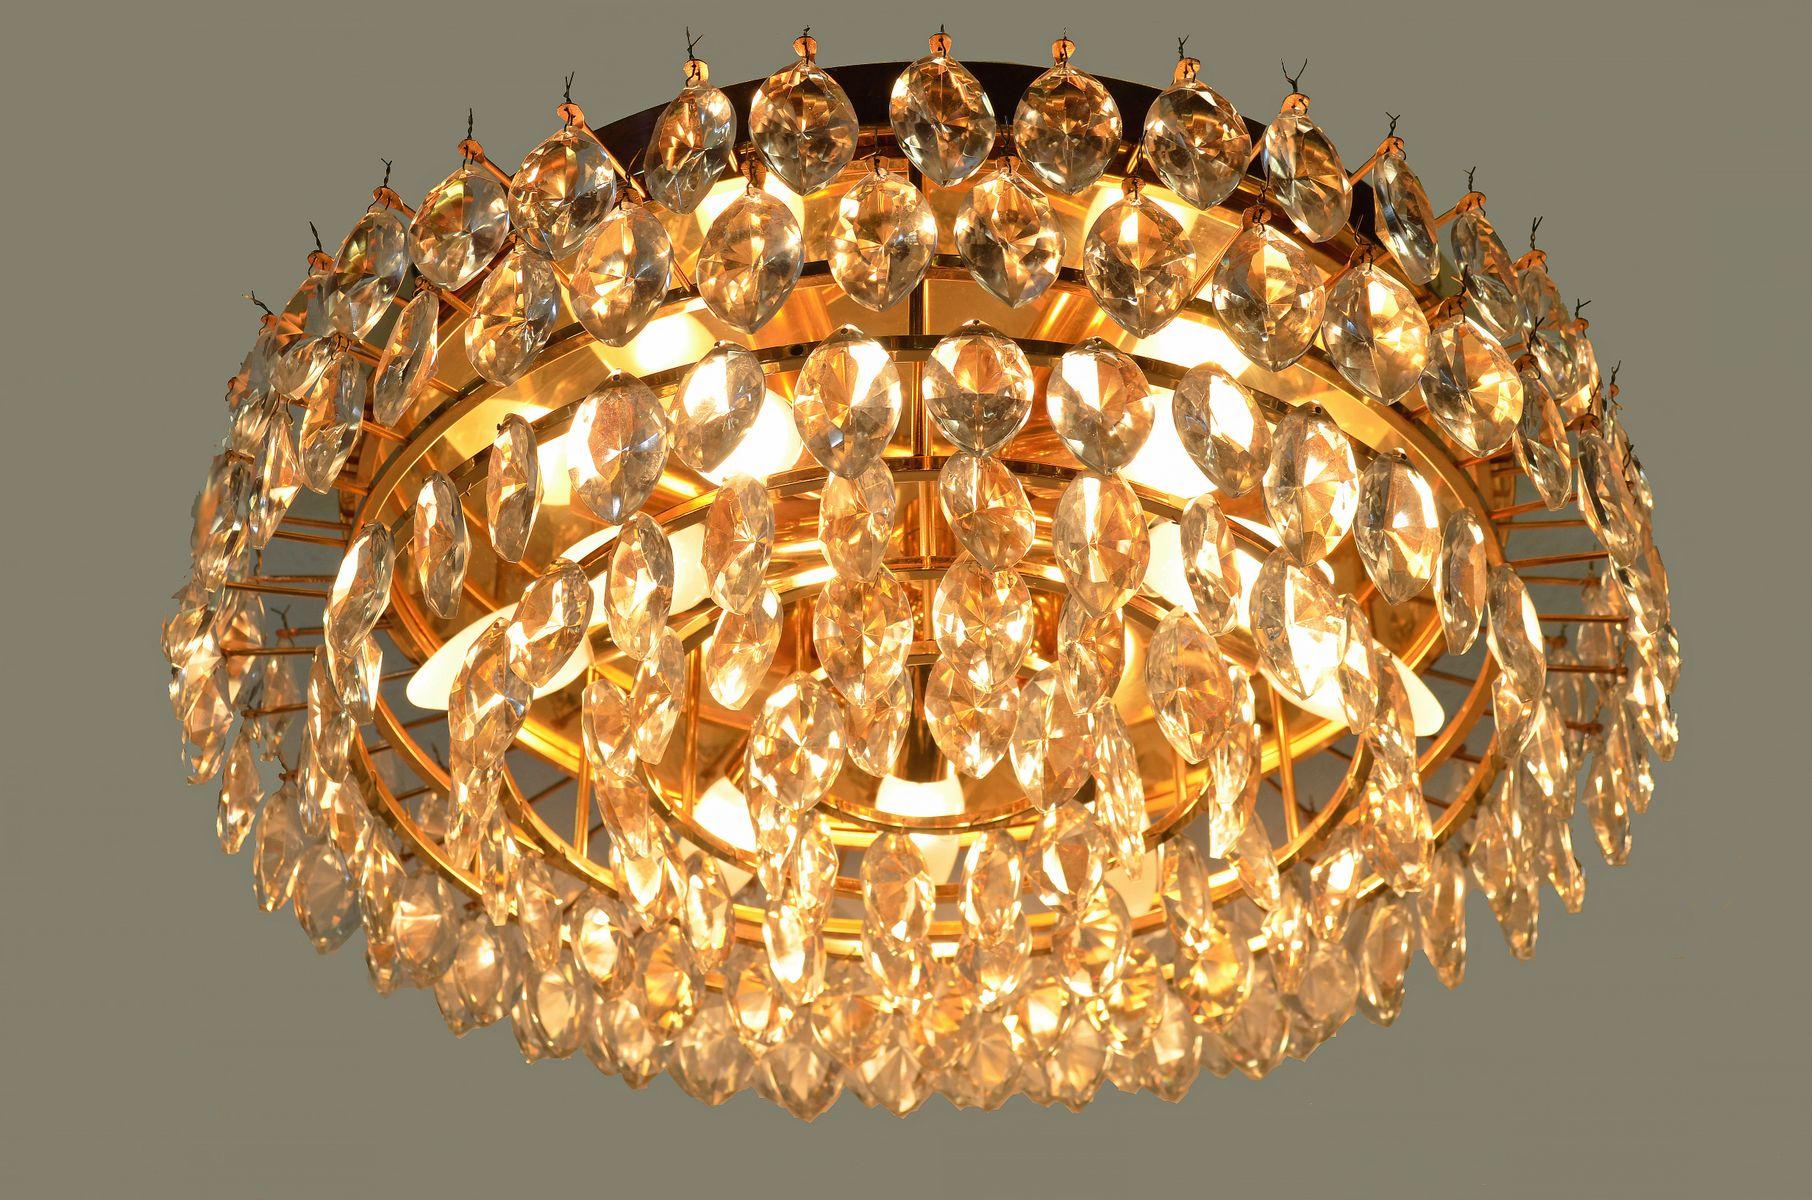 sterreichische deckenleuchte aus vergoldetem messing und kristallglas von lobmeyr 1970er bei. Black Bedroom Furniture Sets. Home Design Ideas